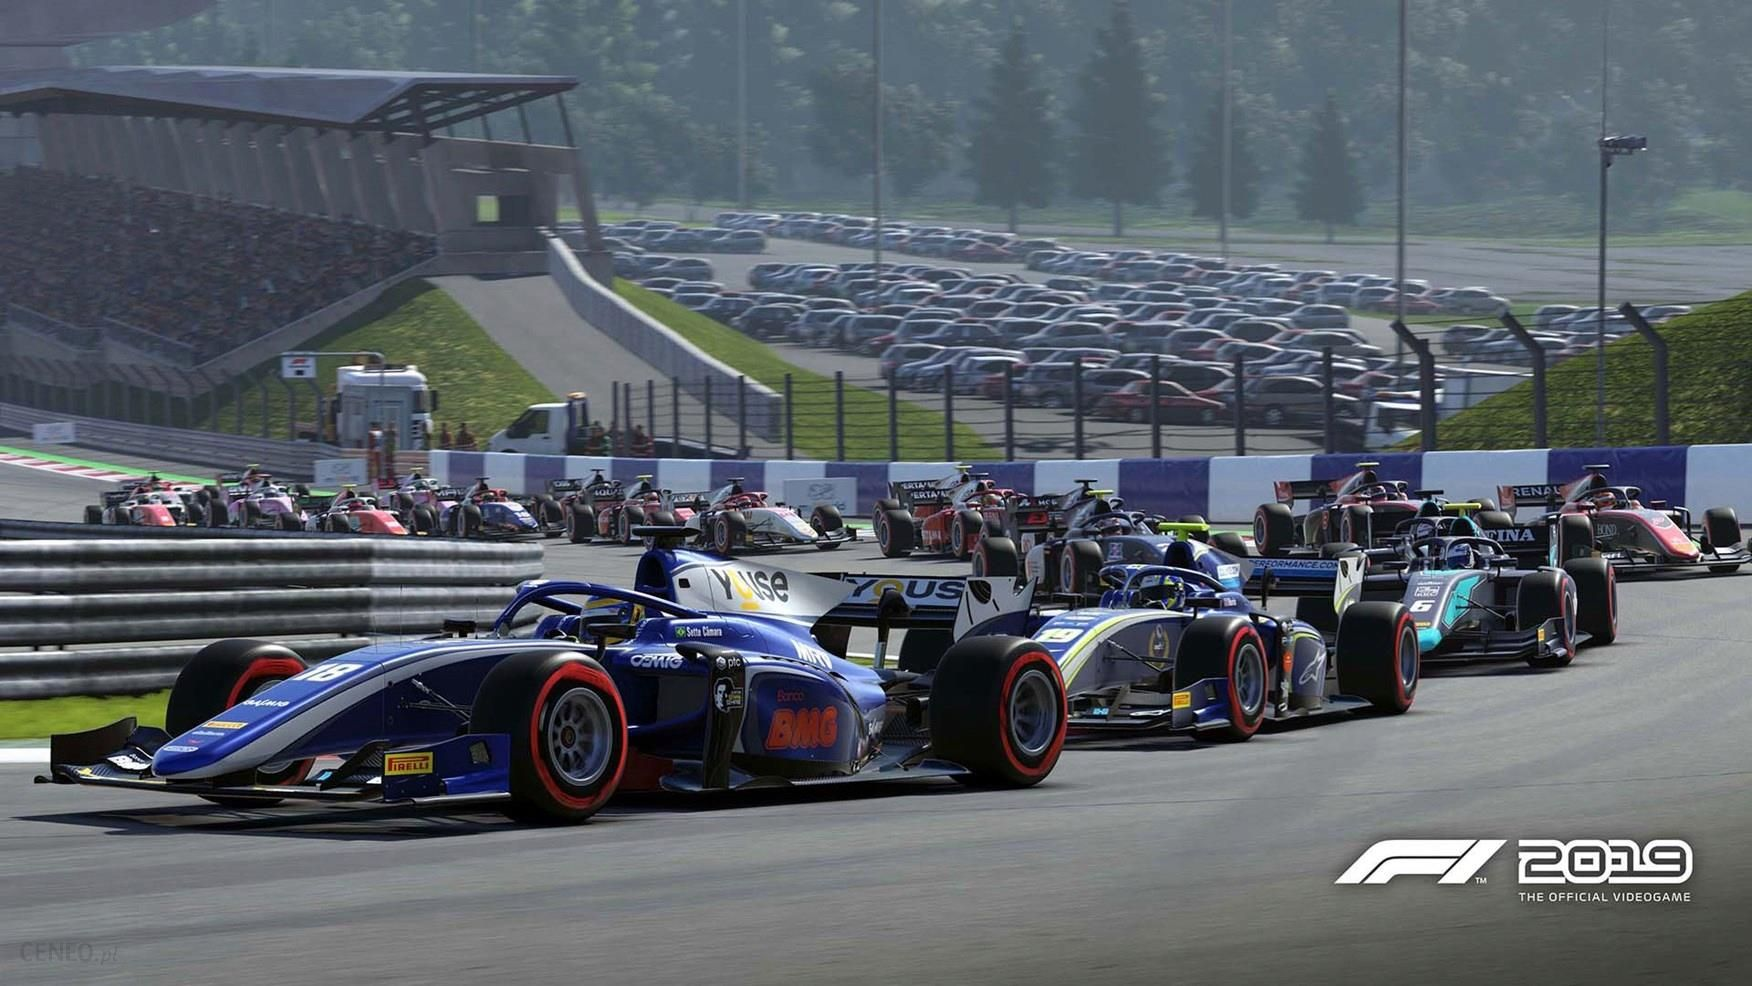 F1 2019 (Gra PS4) - Ceny i opinie - Ceneo.pl